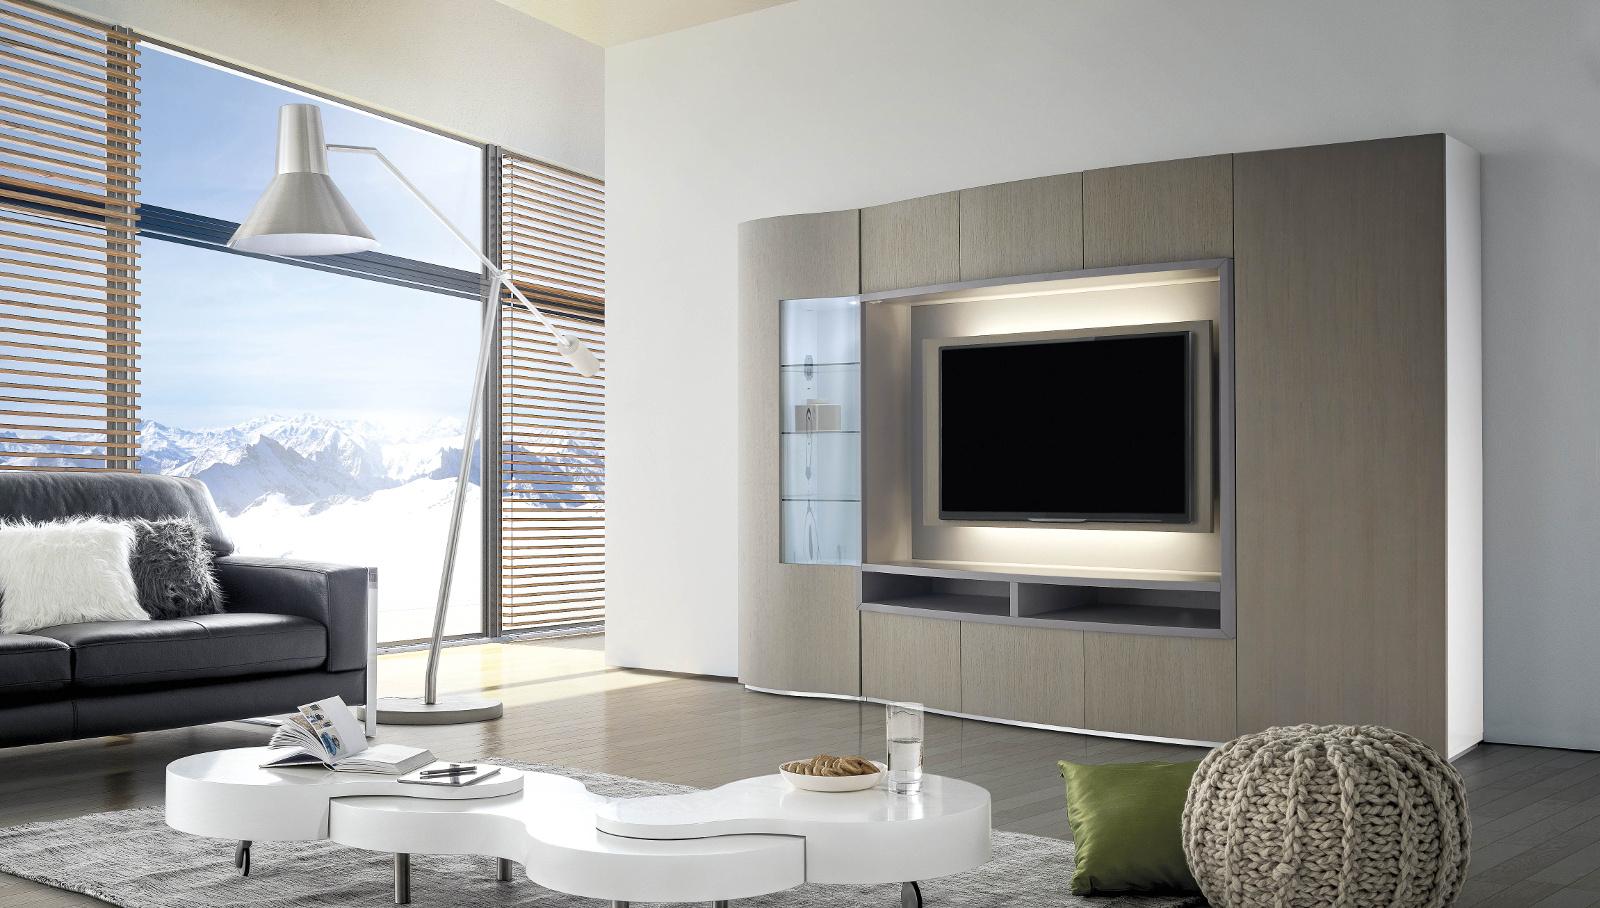 ensemble meuble tv xxl mobilier design d coration d 39 int rieur. Black Bedroom Furniture Sets. Home Design Ideas